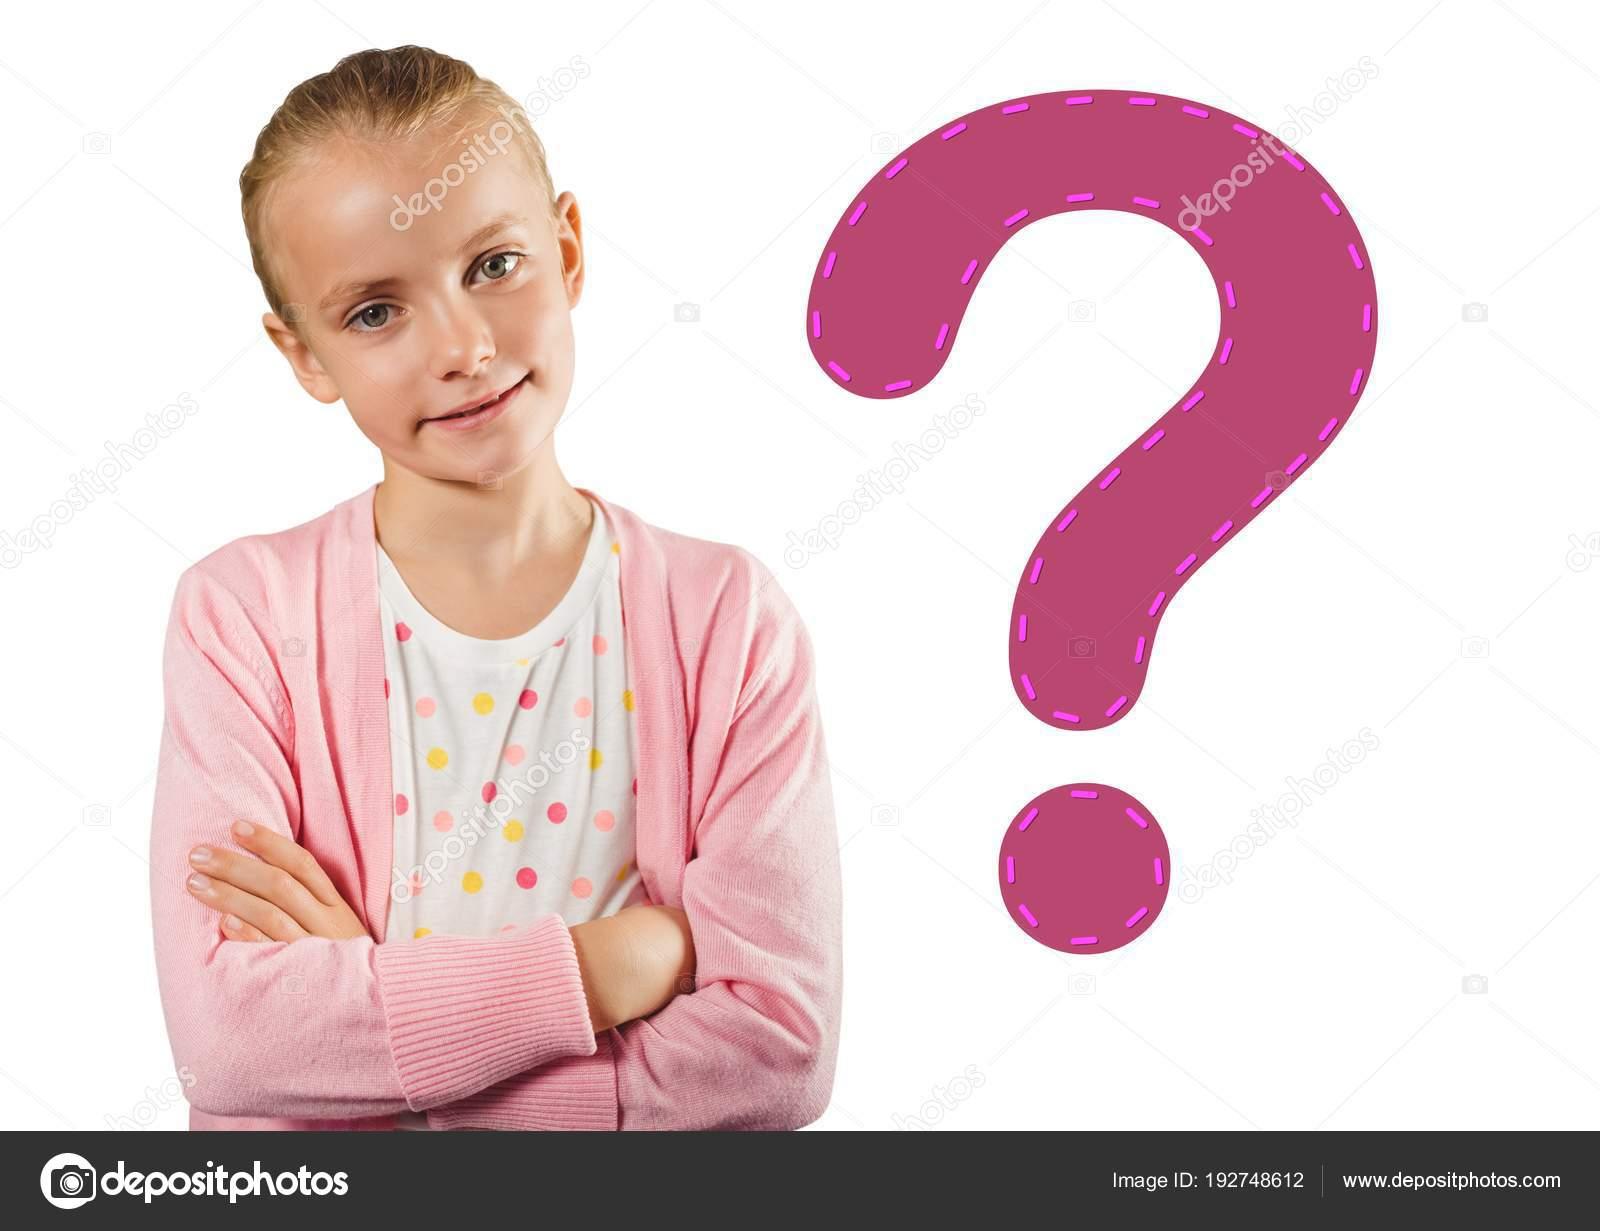 Signo Interrogación Con Niño Digital Compuesto Niña Rosa STgqp06ap